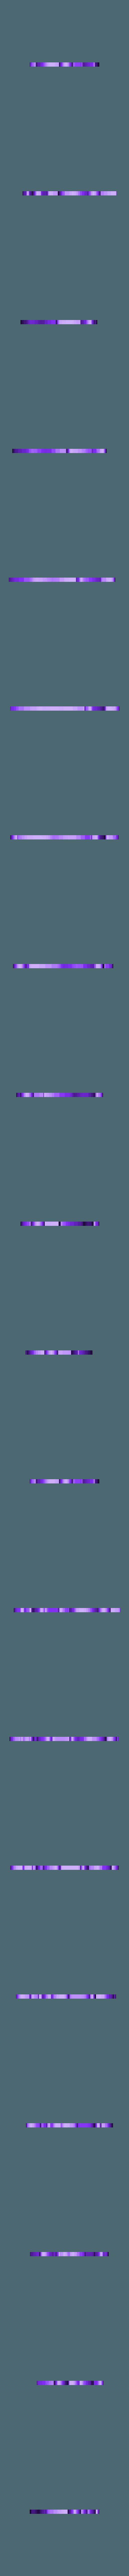 chase face.stl Télécharger fichier STL Lot 6 ornements Paw Patrol • Plan imprimable en 3D, DG22